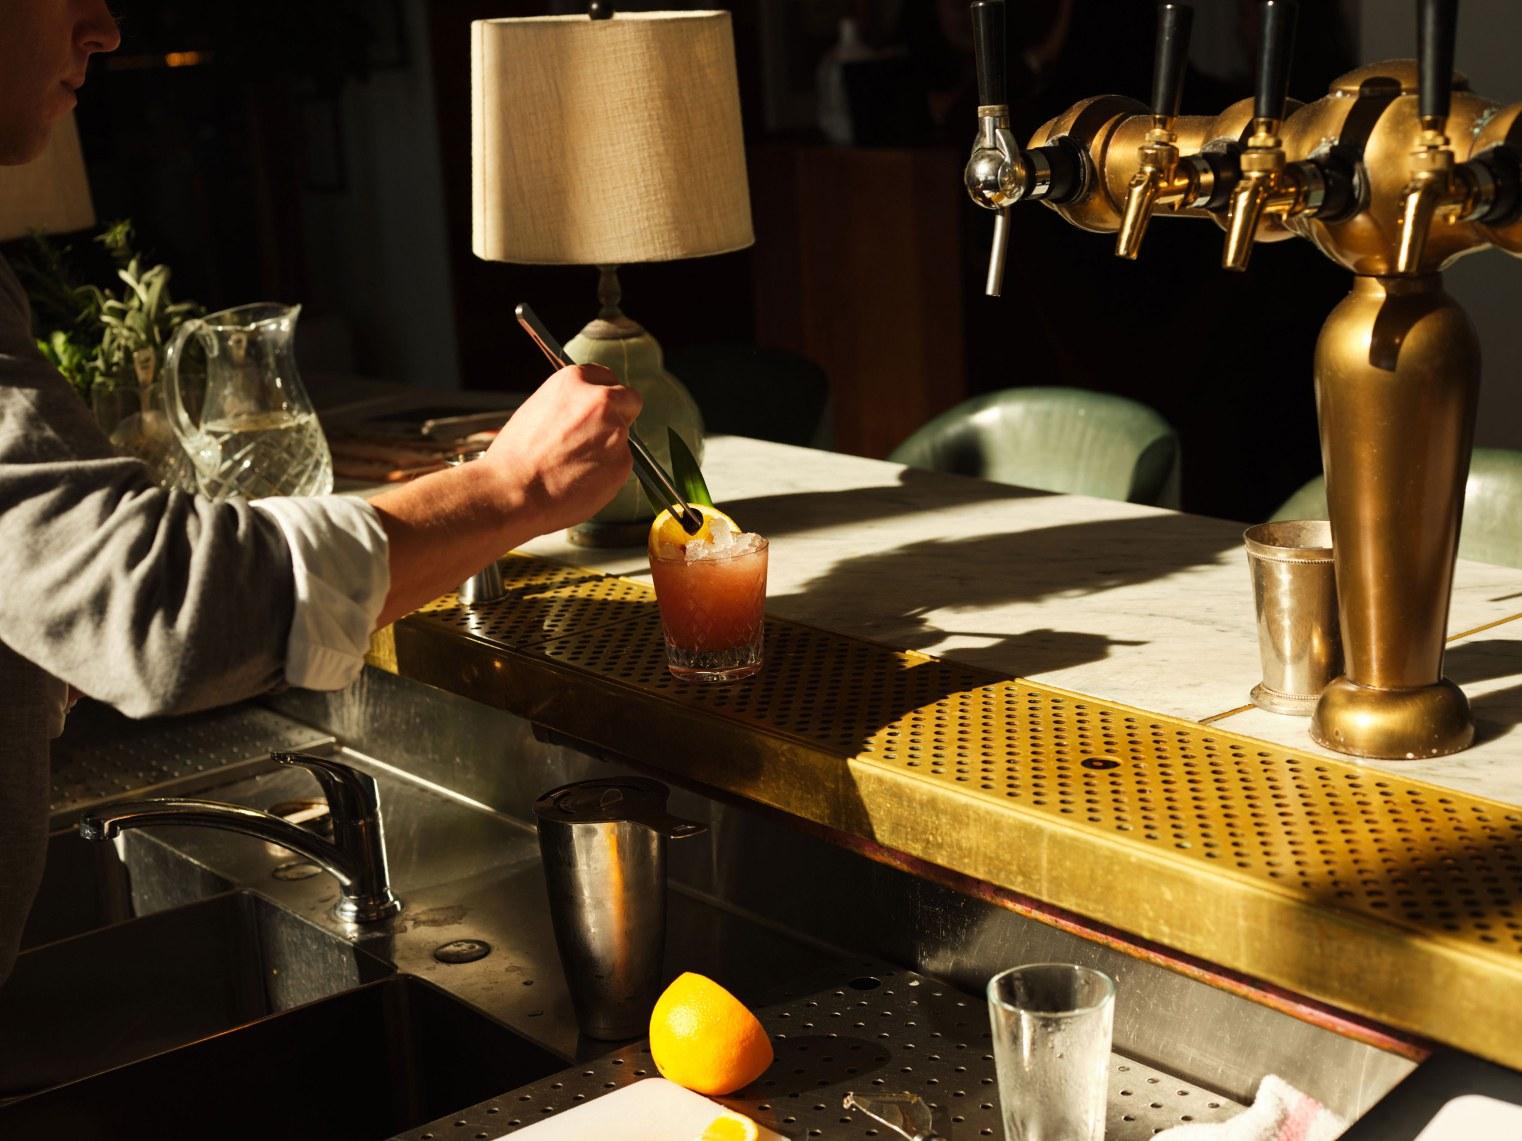 A barman preparing a cocktail.